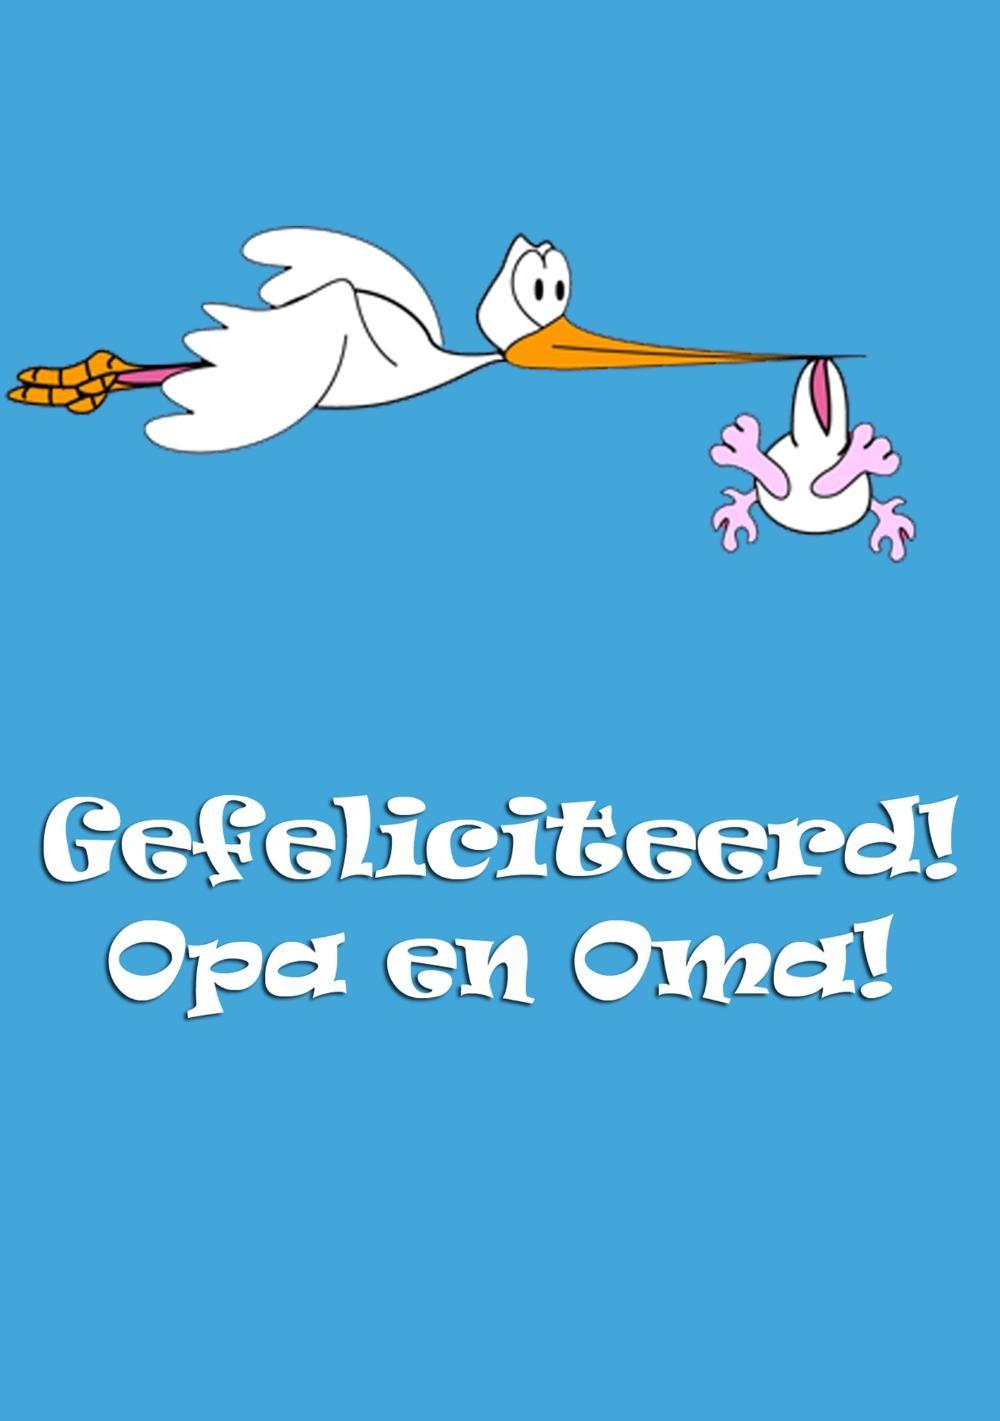 Top Online kaart sturen? | Per post verzonden bij Kaartjeposten.nl #PQ61